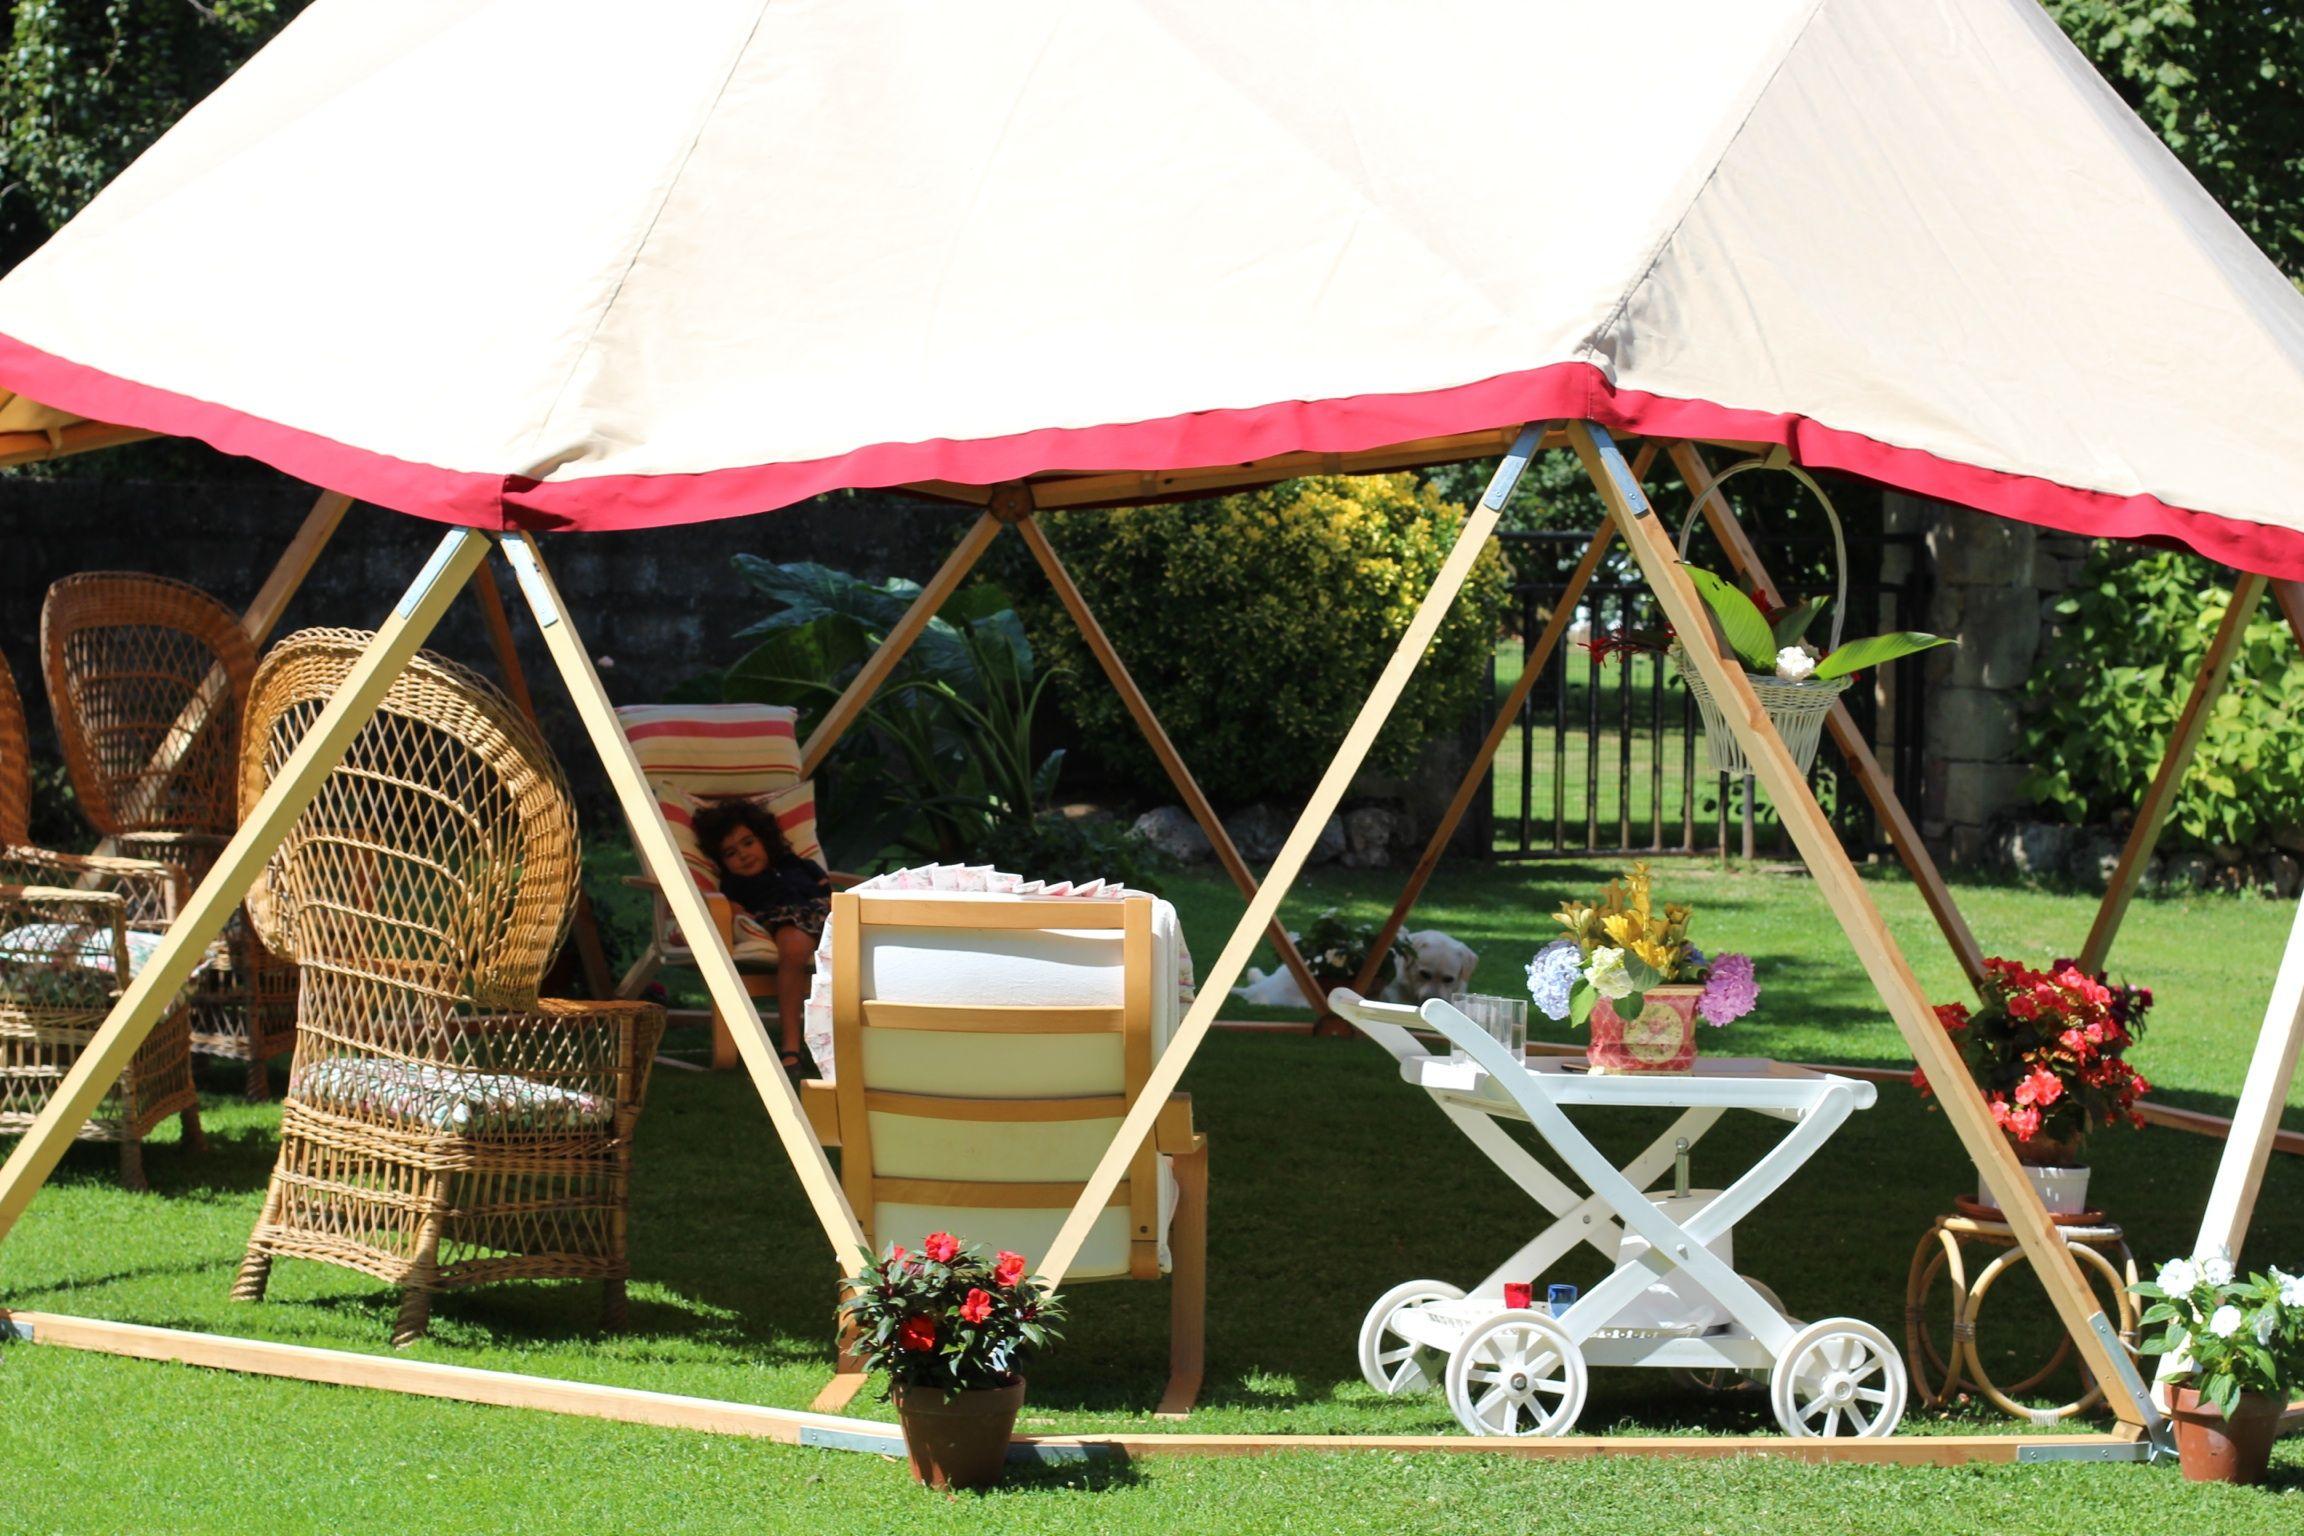 DomoJaya de 40 m2 en Iguña #domo #cúpula geodésica #jardín ...